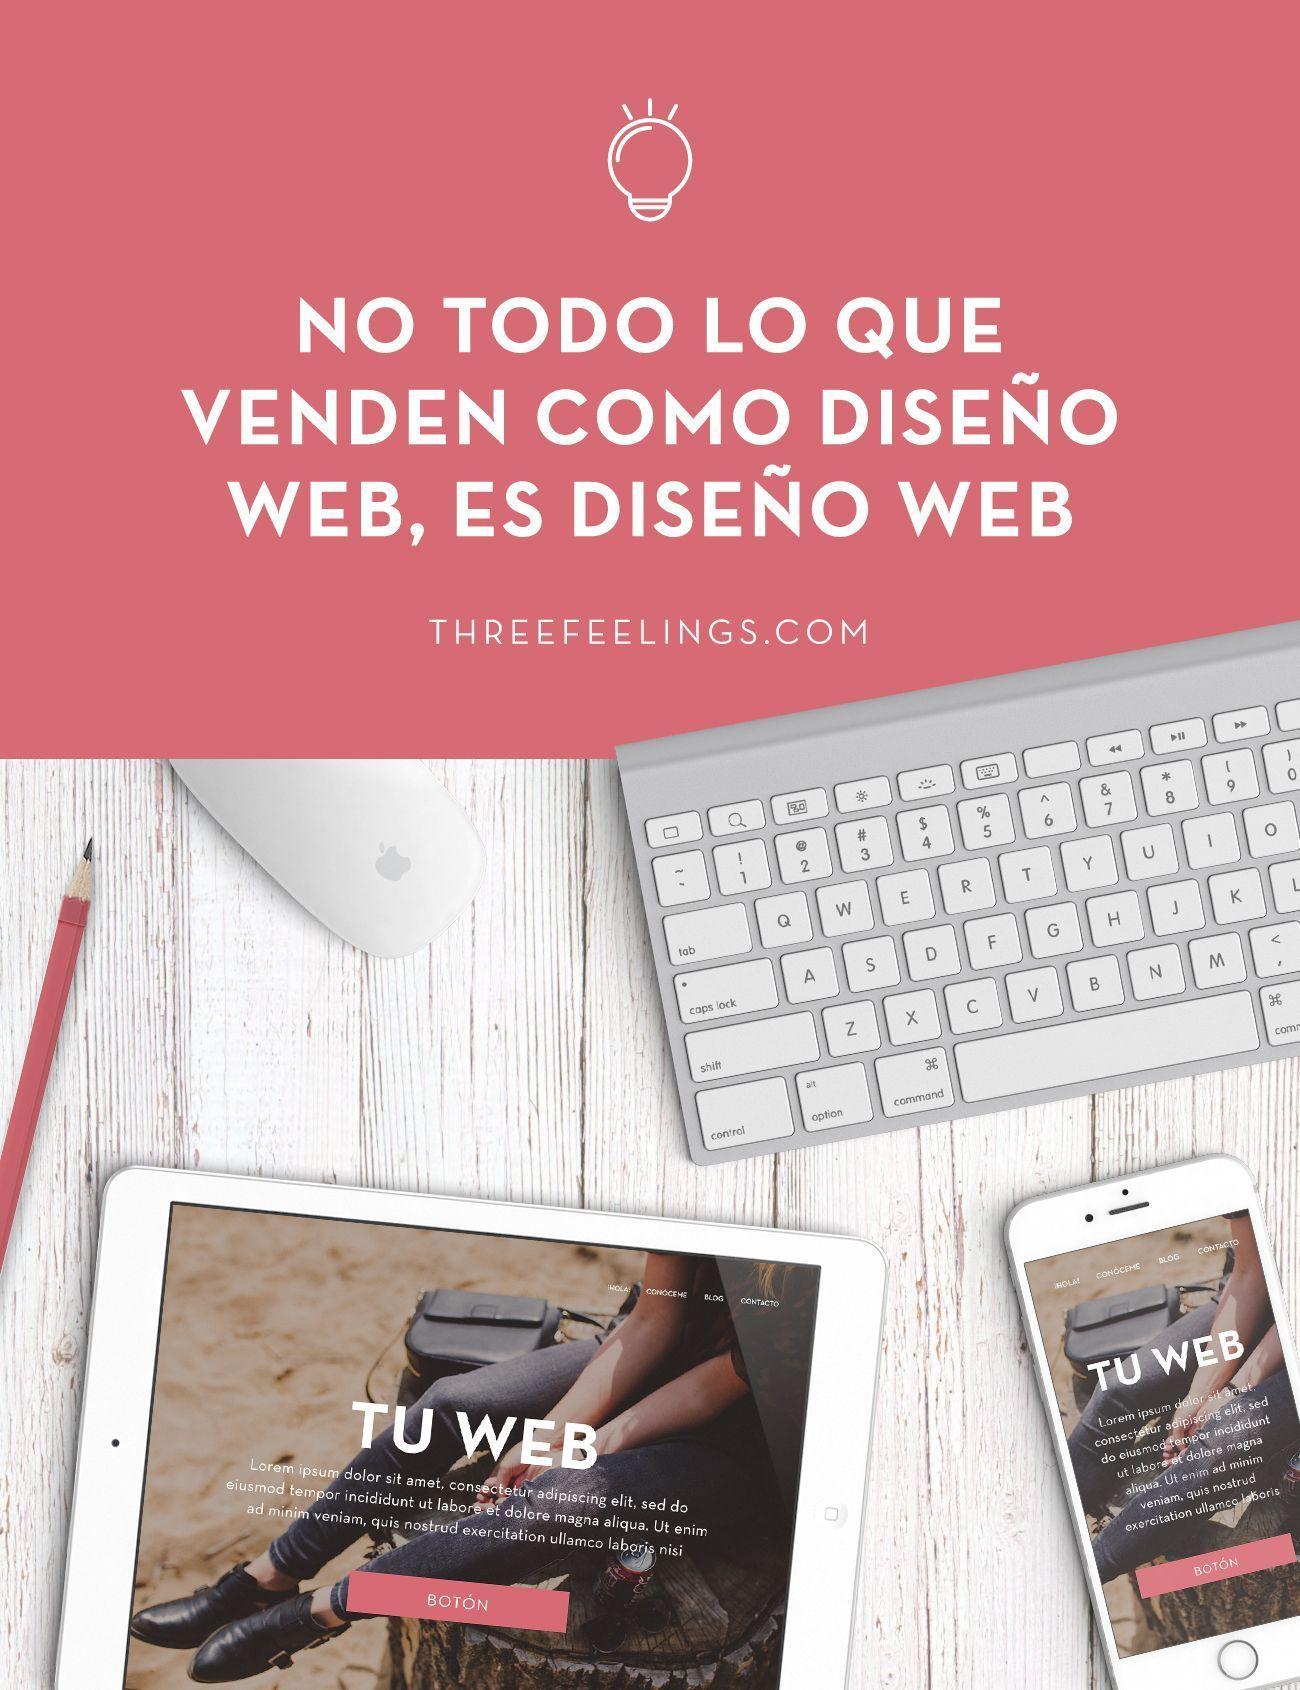 No todo lo que venden es diseño web